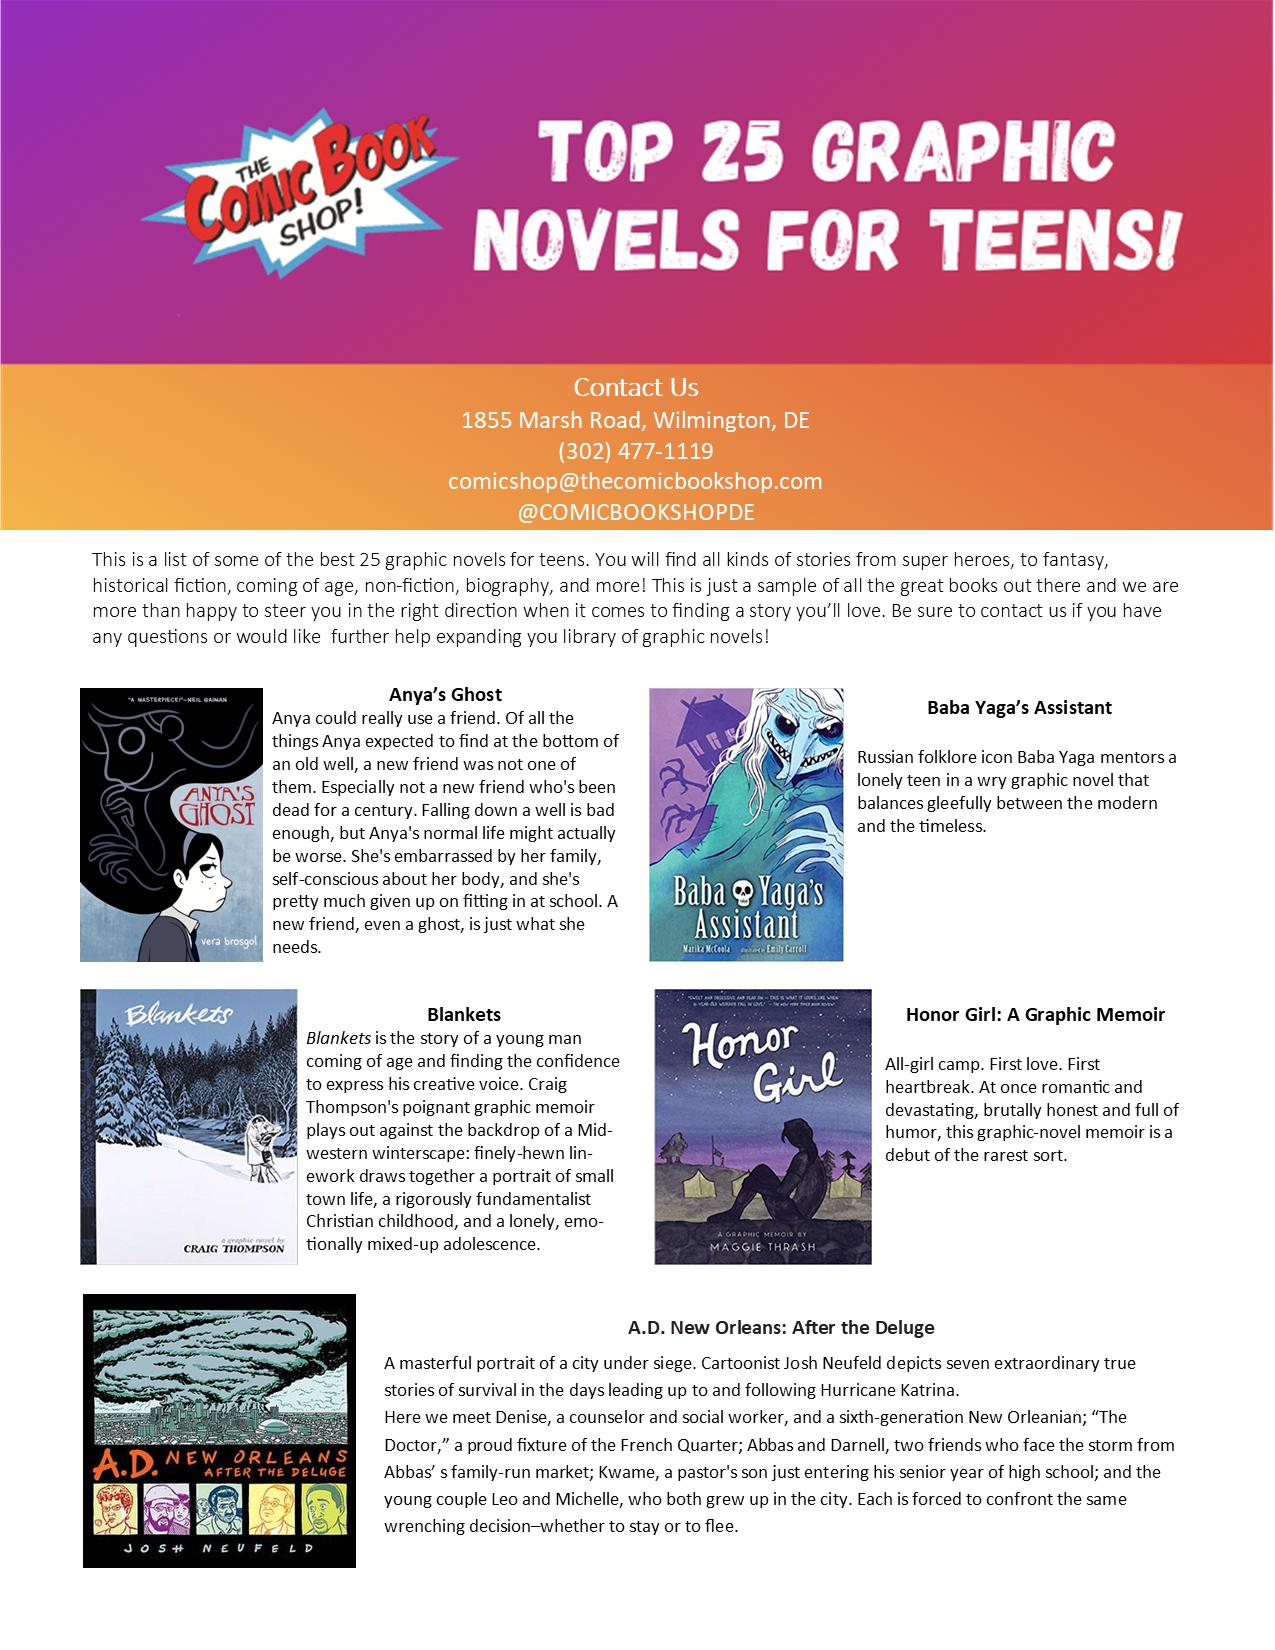 Top 25 Teen Graphic Novels